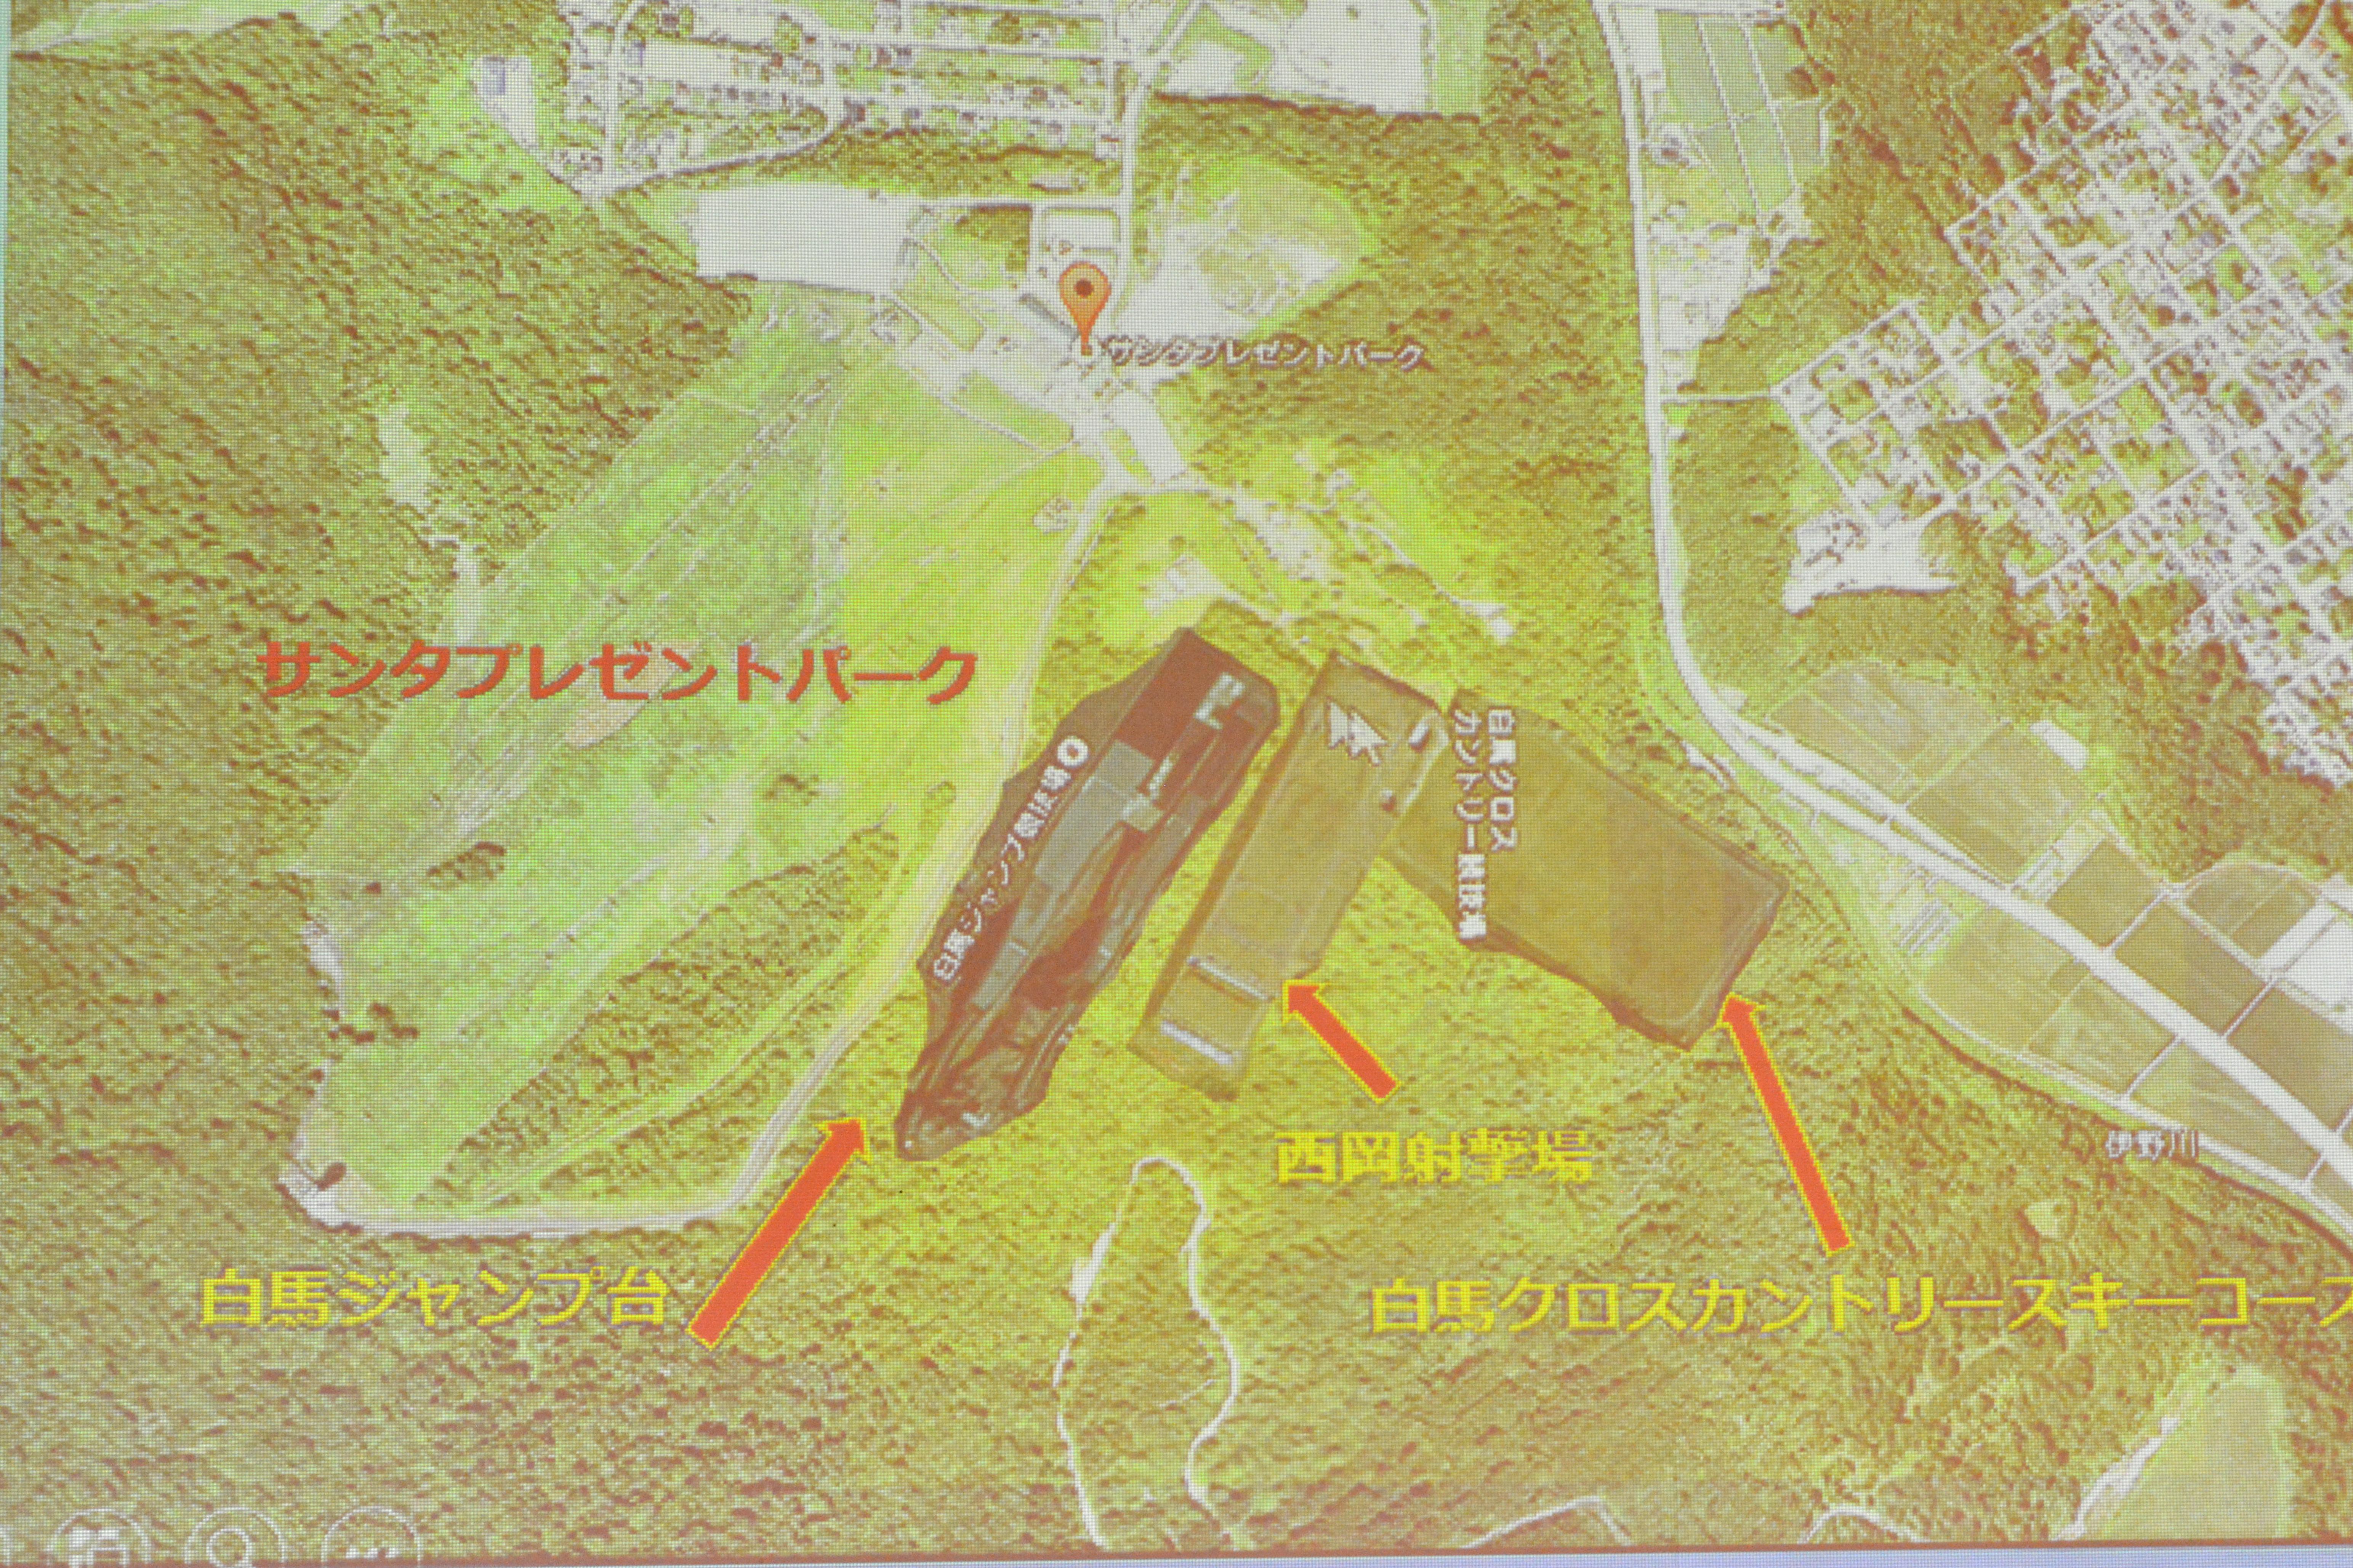 成田智樹さんが提案するバイアスロンコースの入った施設案